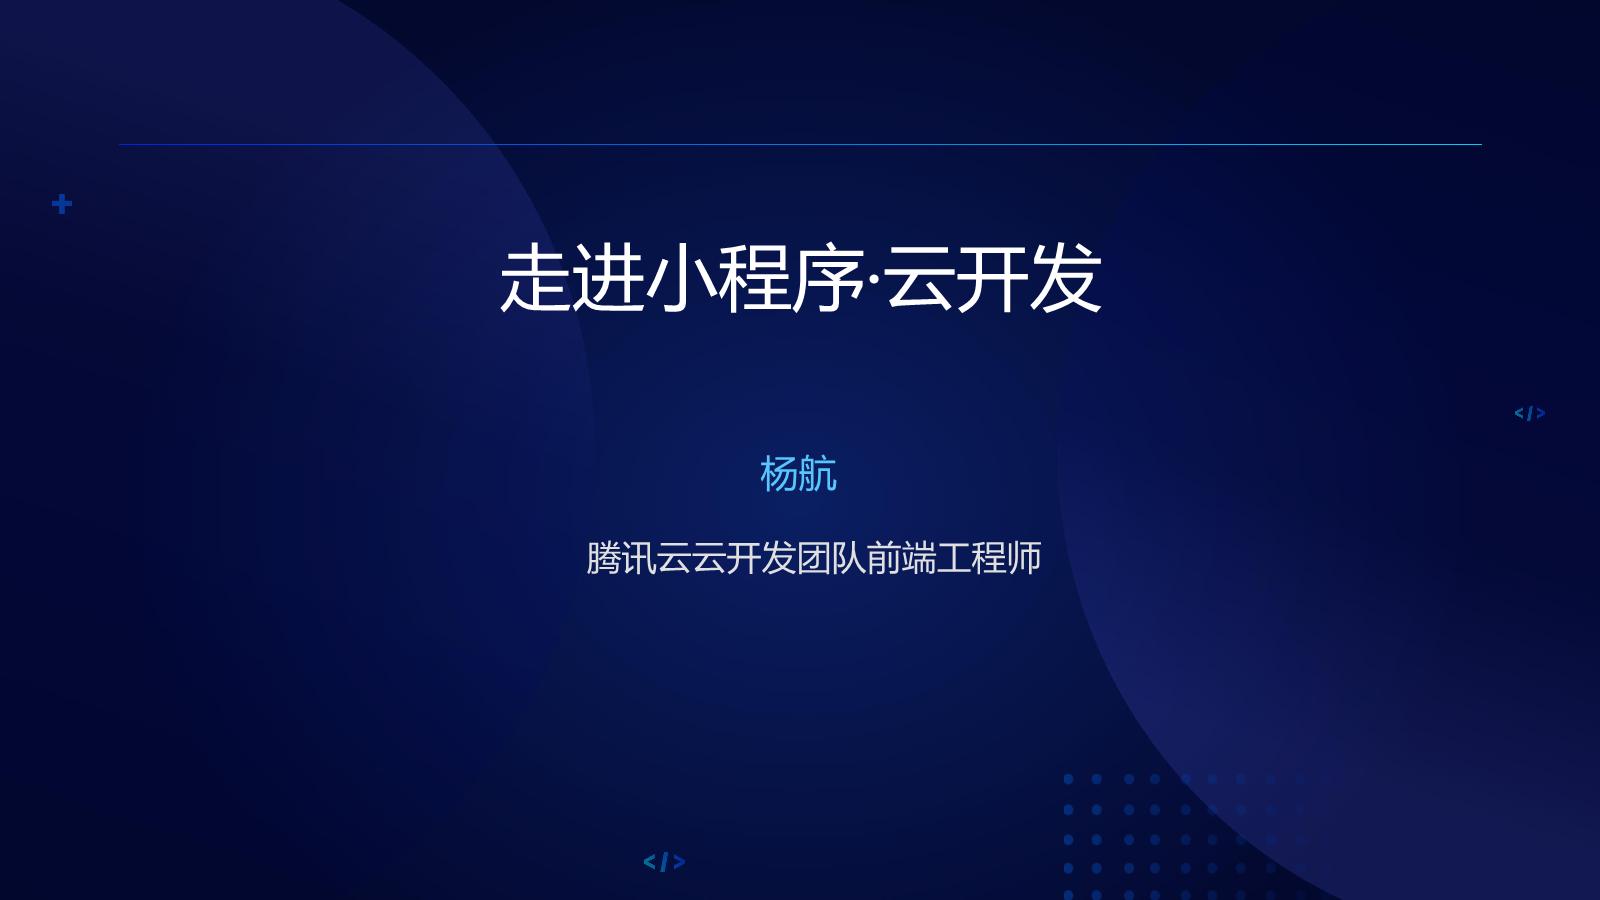 杨航-走进小程序·云开发